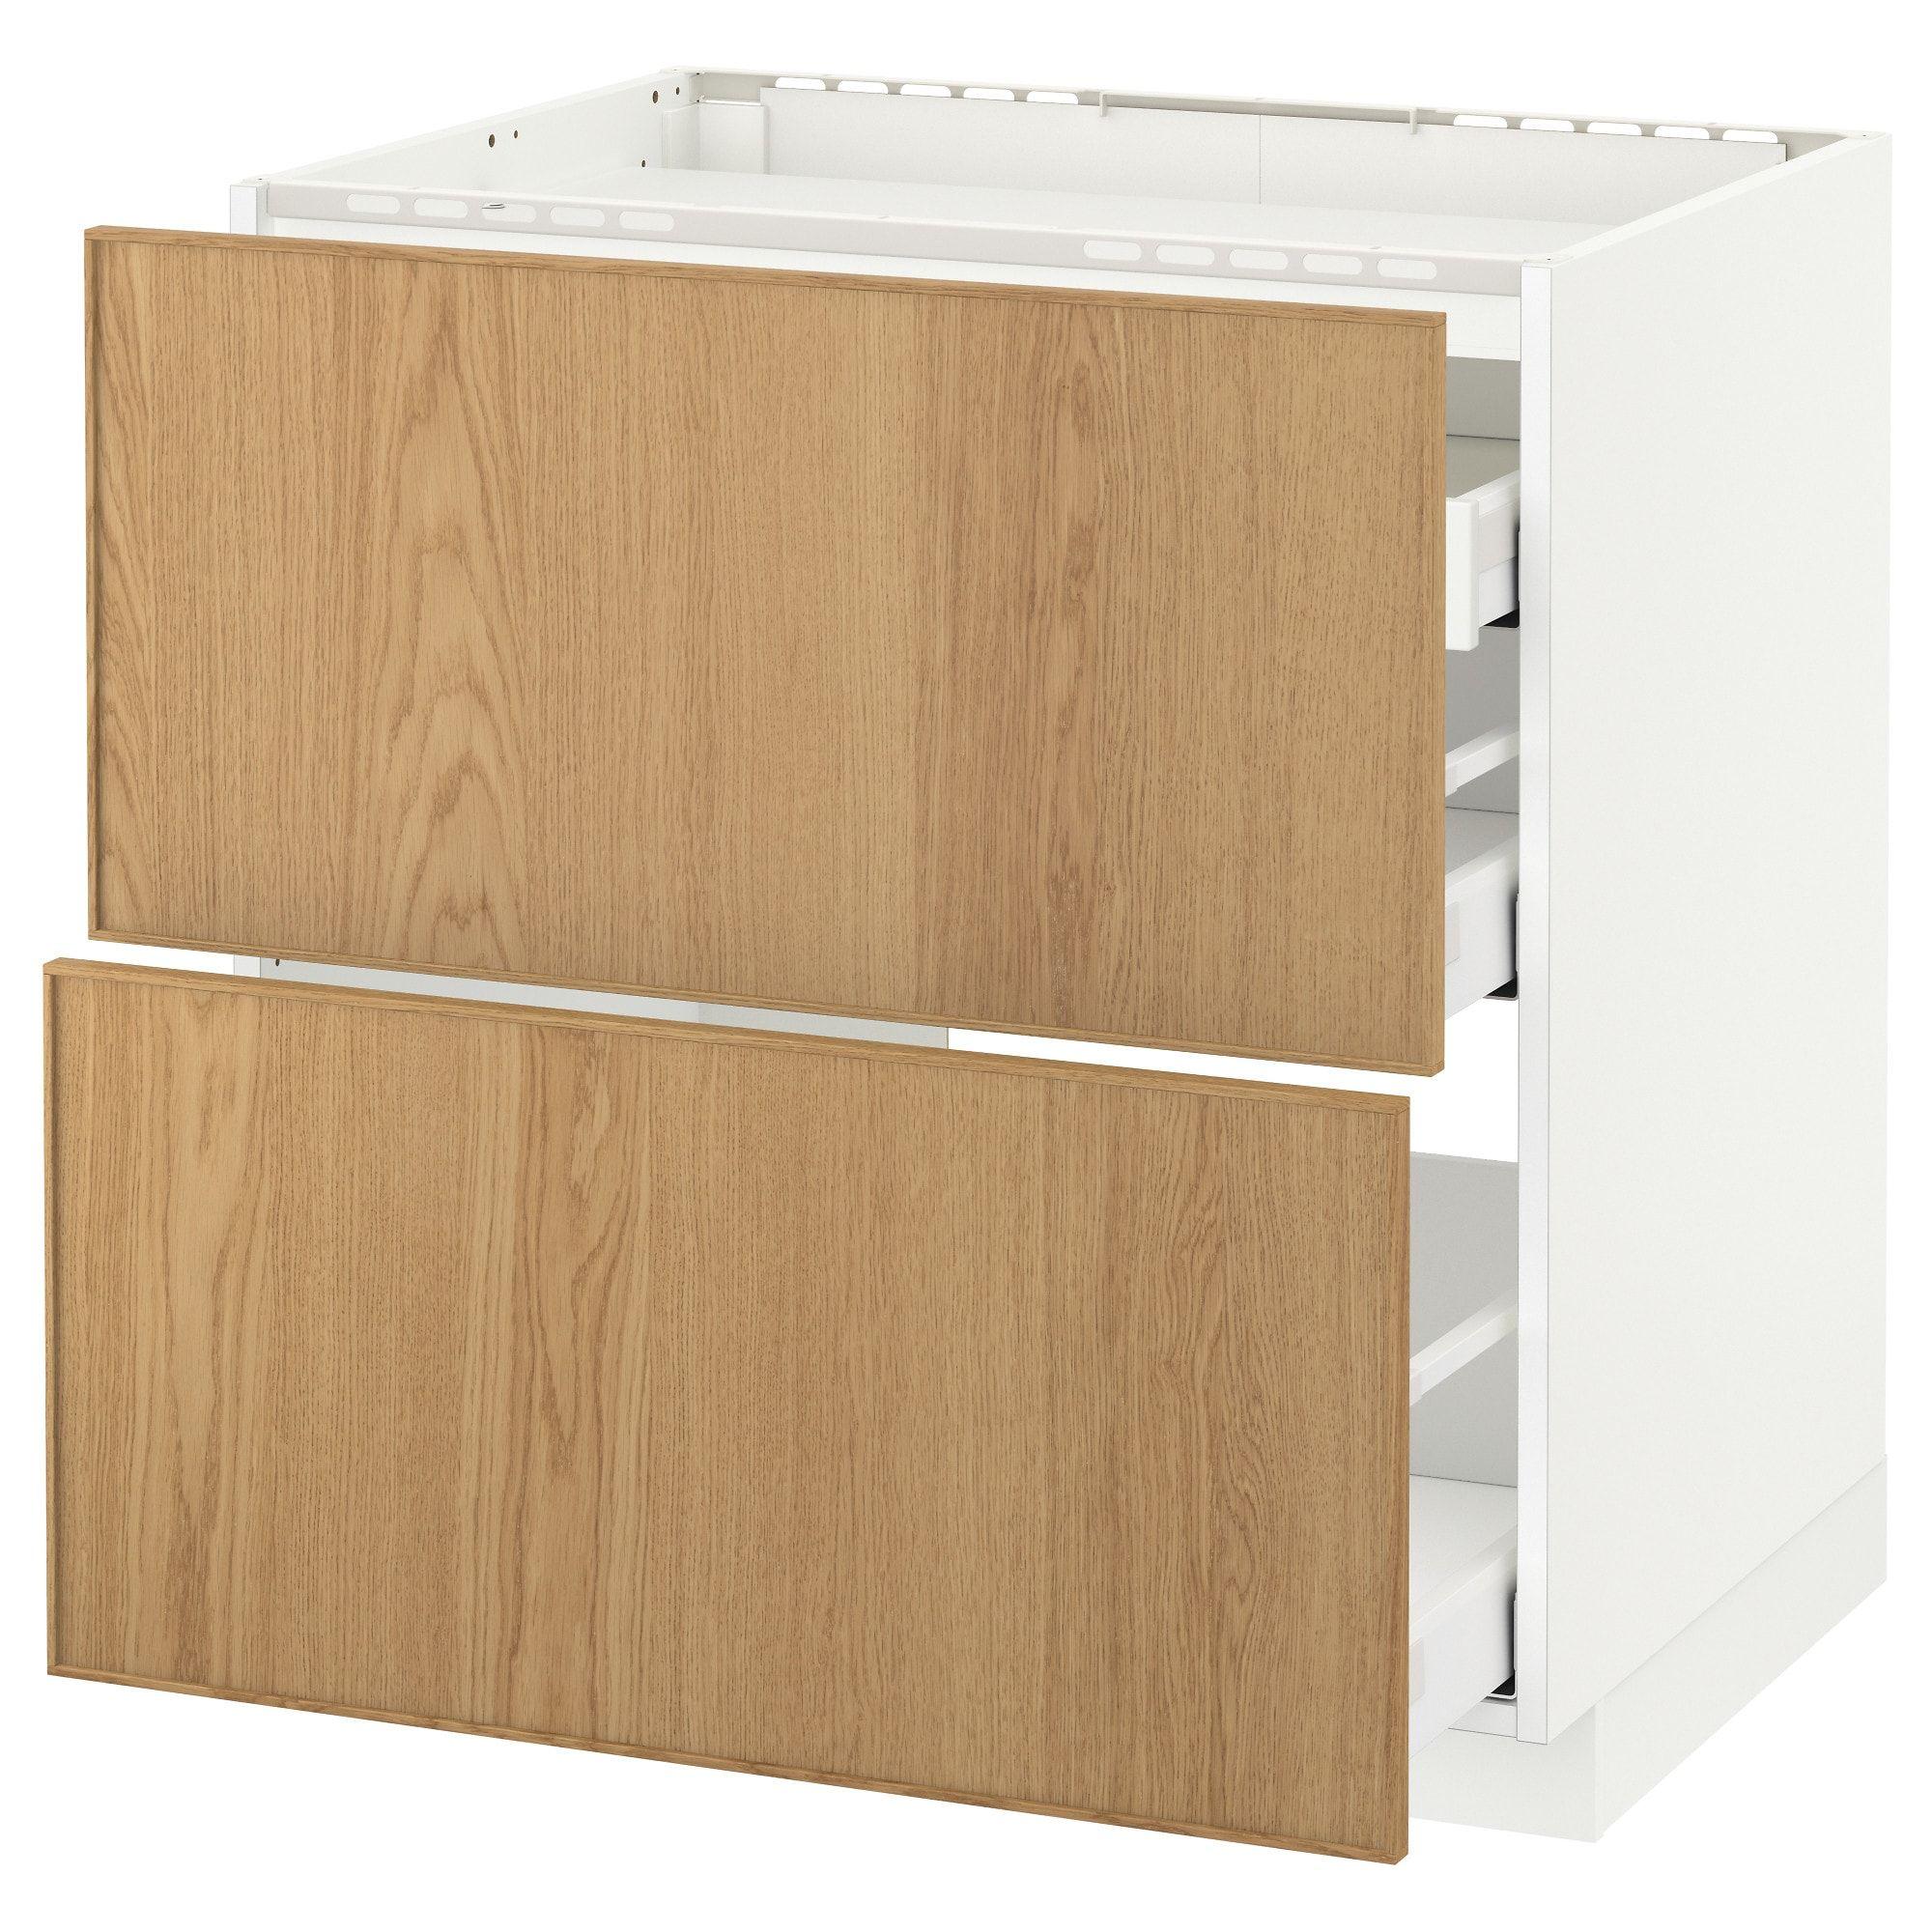 Full Size of Singleküche Ikea Miniküche Metod Maximera Unterschrf Kochf 2 Fronten 3 Sch Wei Küche Kaufen Modulküche Mit Kühlschrank Betten Bei Sofa Schlaffunktion Wohnzimmer Singleküche Ikea Miniküche